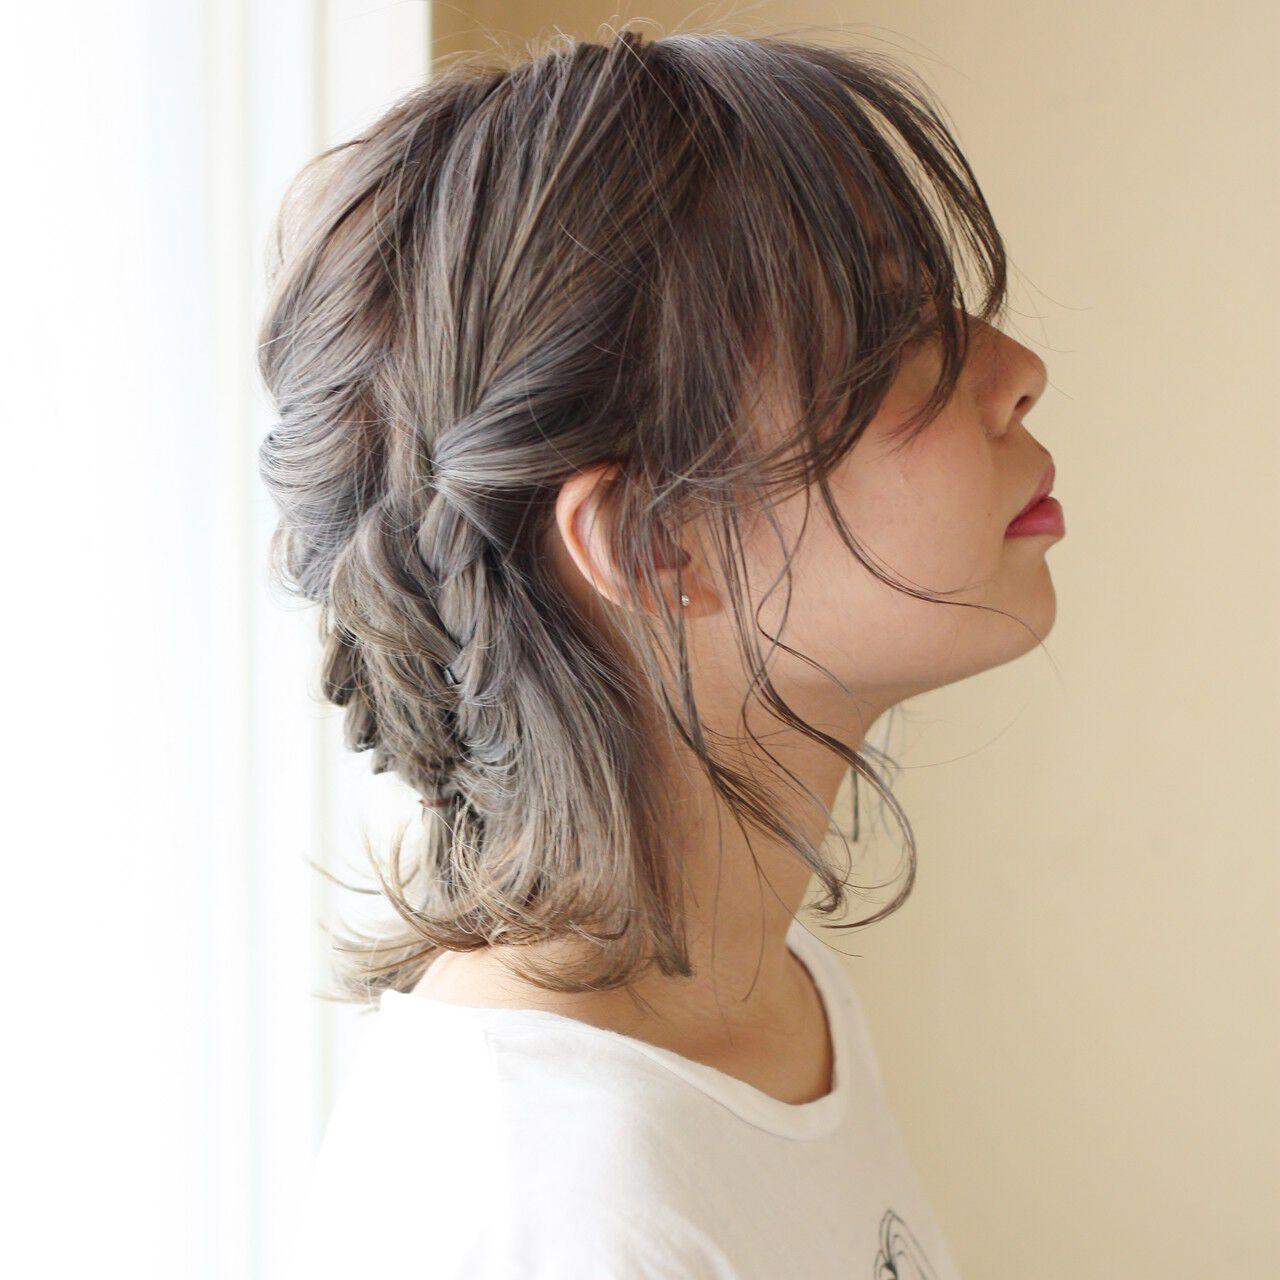 ボブ ダブルカラー フィッシュボーン 簡単ヘアアレンジヘアスタイルや髪型の写真・画像